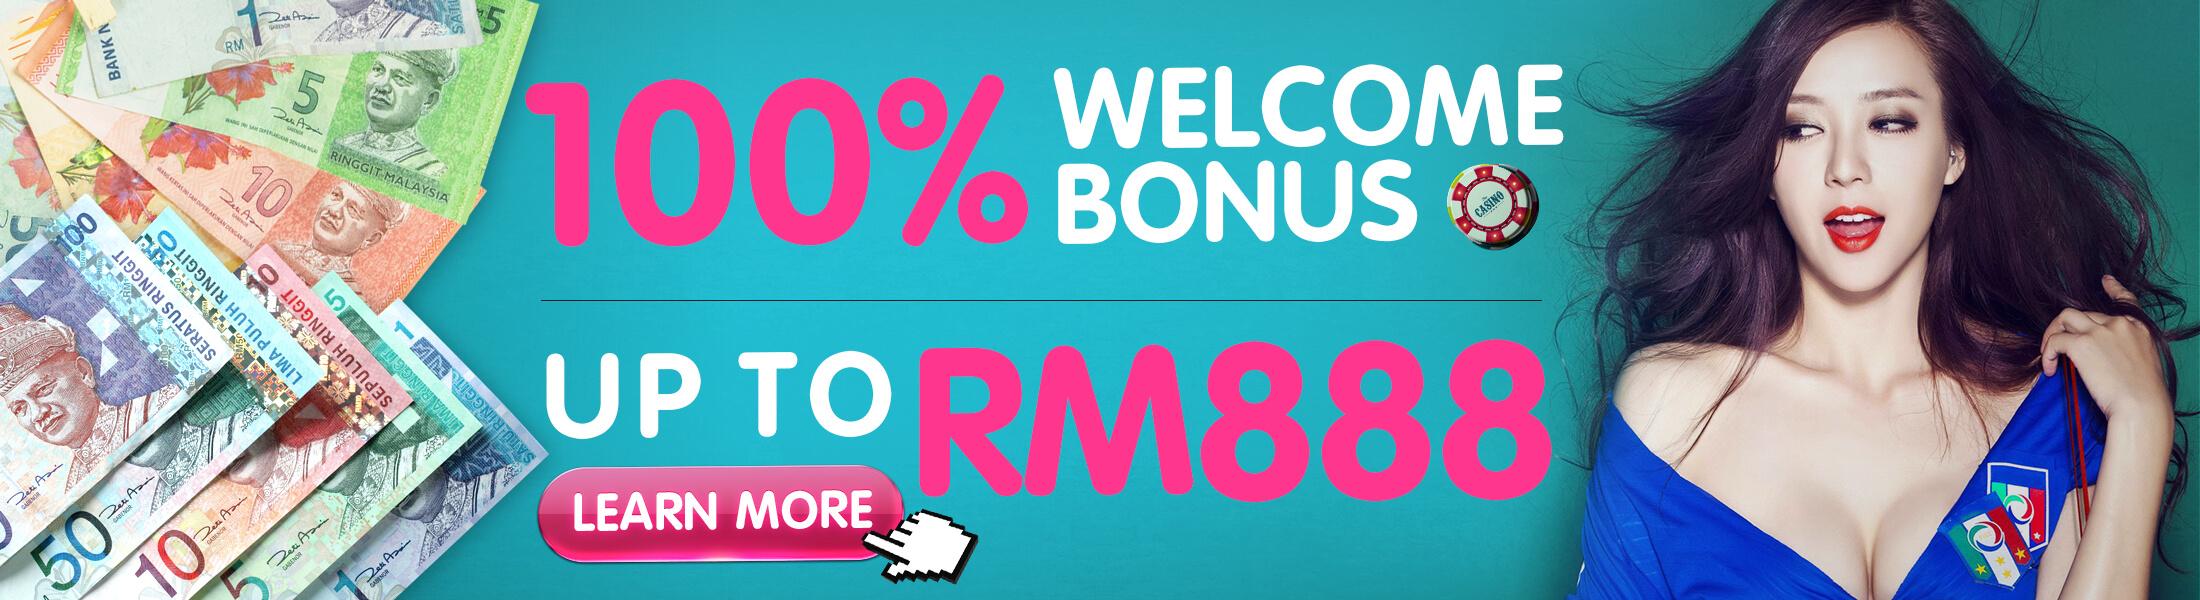 iBET Online Casino Malaysia Welcome Bonus Give You Double!